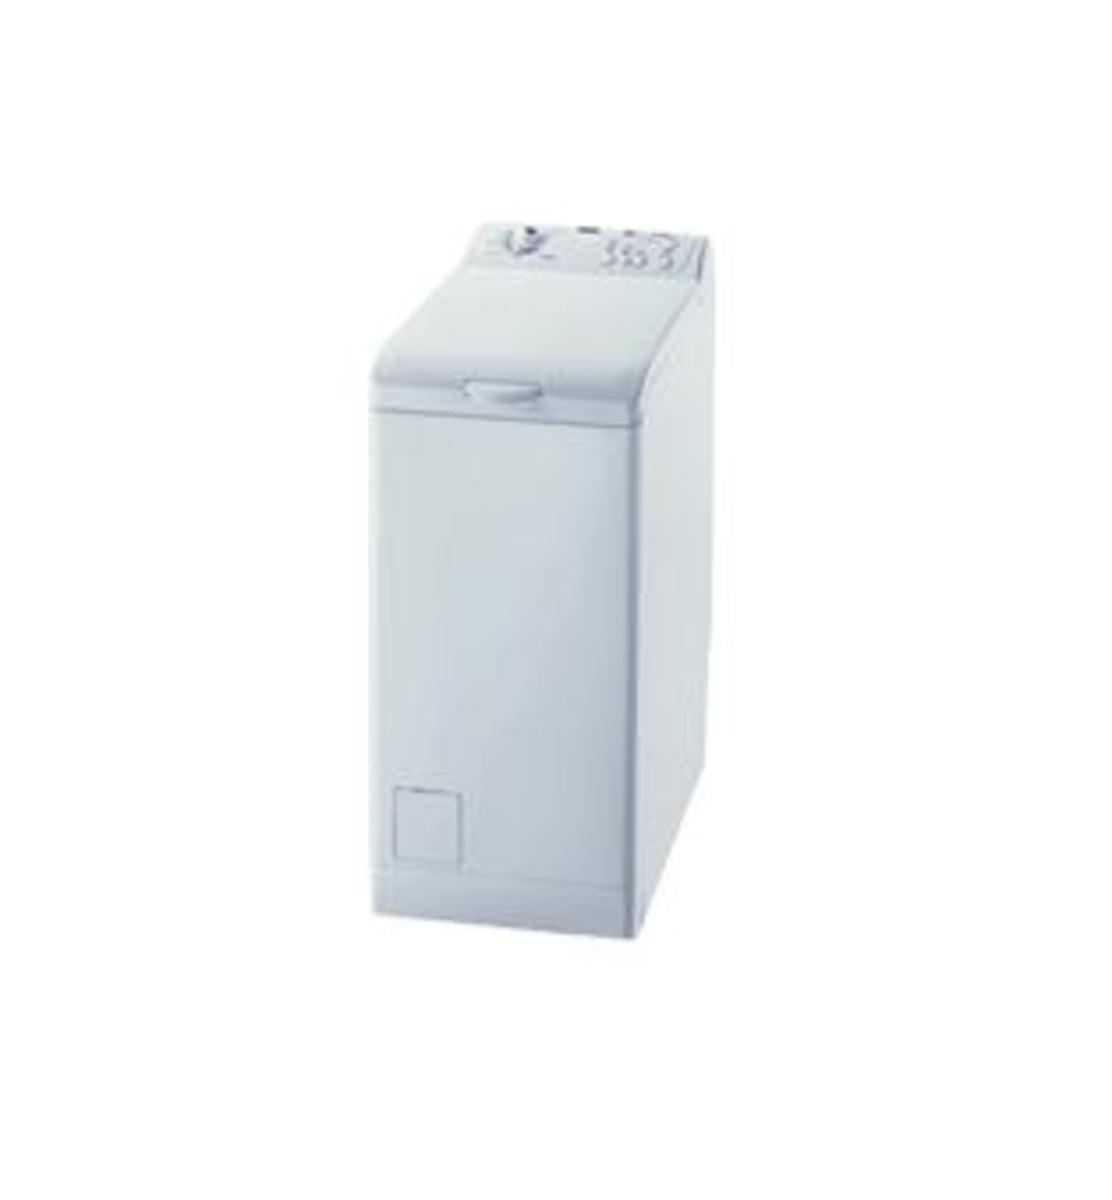 頂揭式洗衣機 (6公斤/700轉) ZWQ570SO